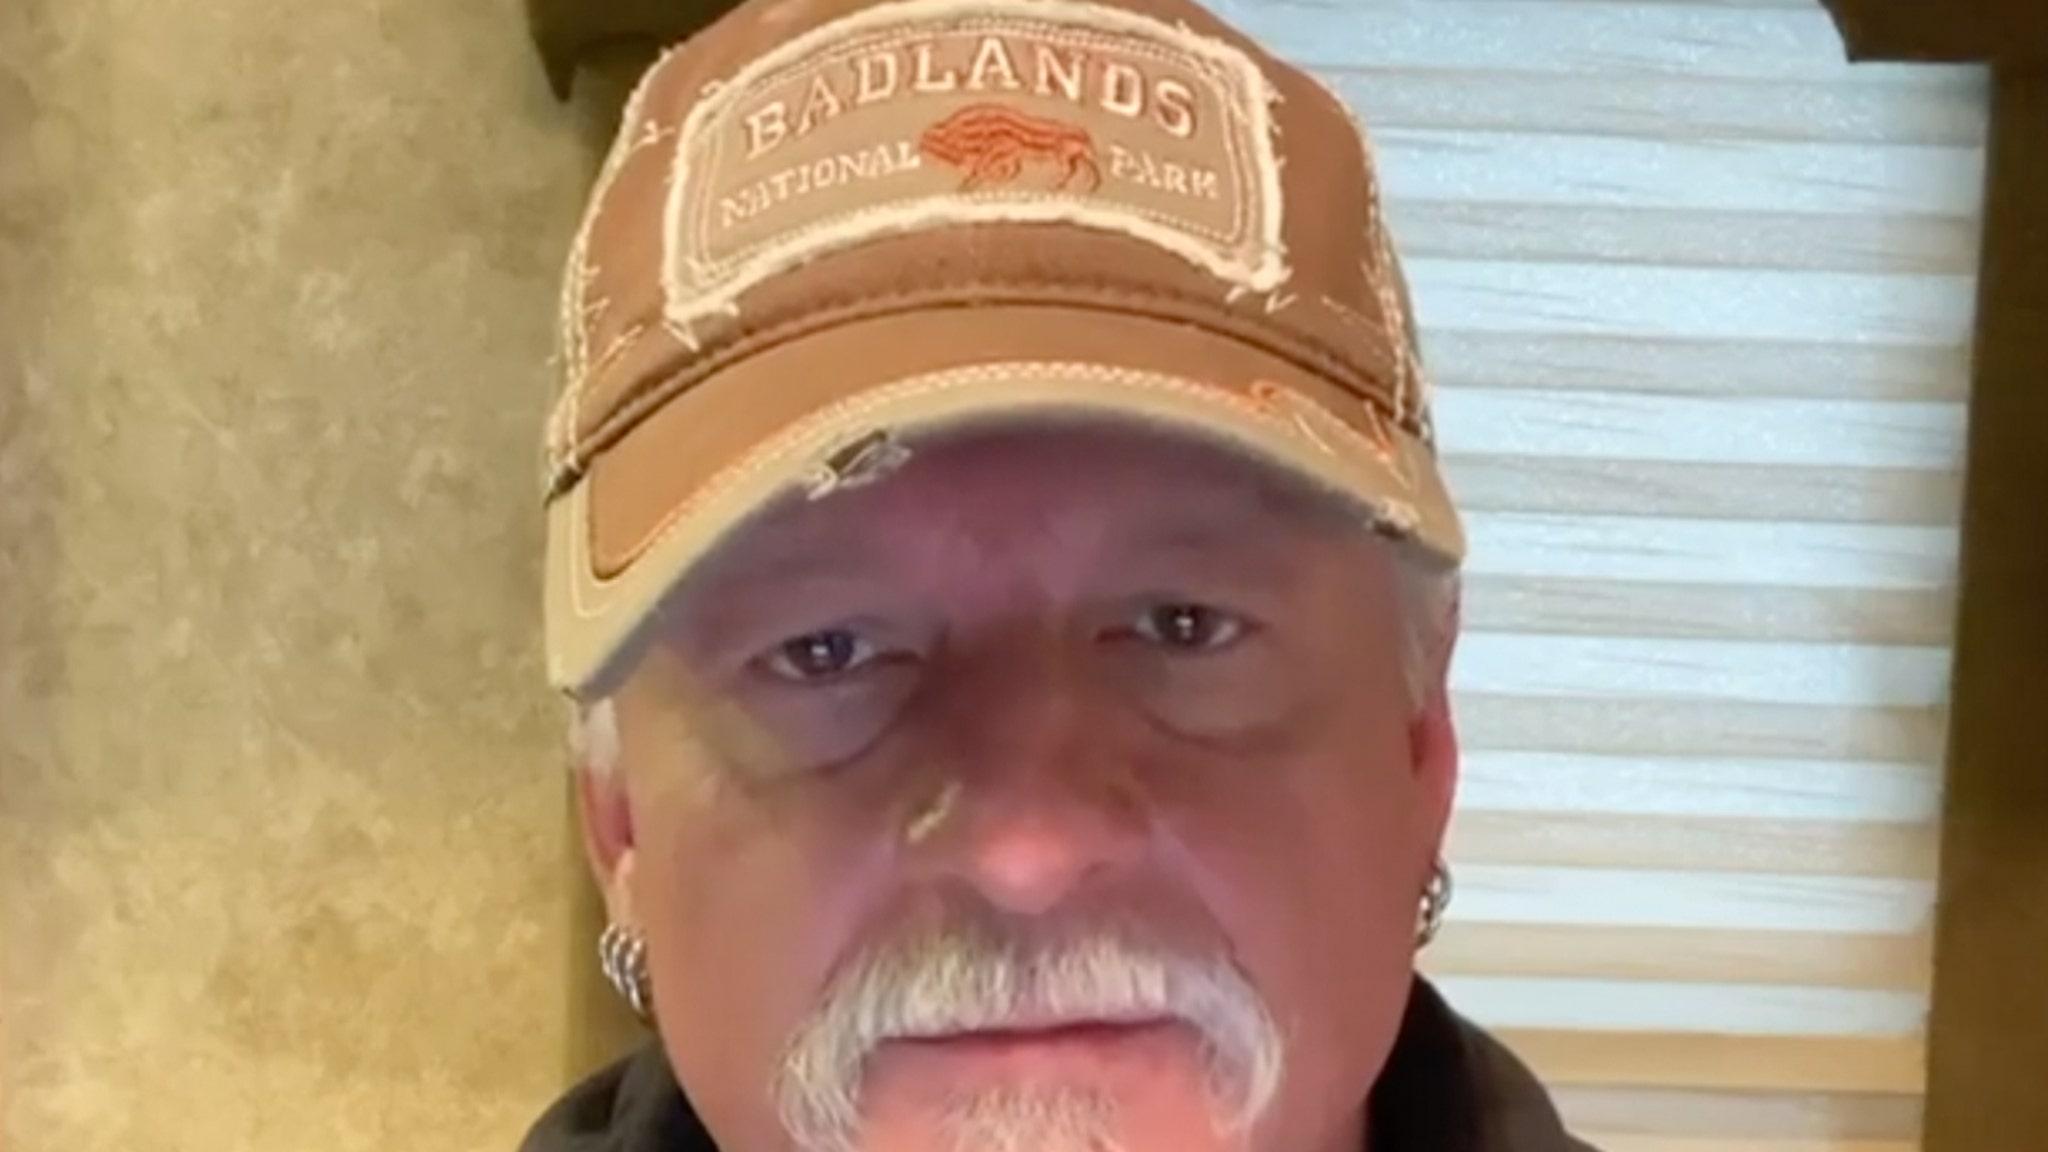 Джон Шаффер из Iced Earth арестован из-за мятежа Капитолия, который якобы использовал медвежий аэрозоль на полицейских